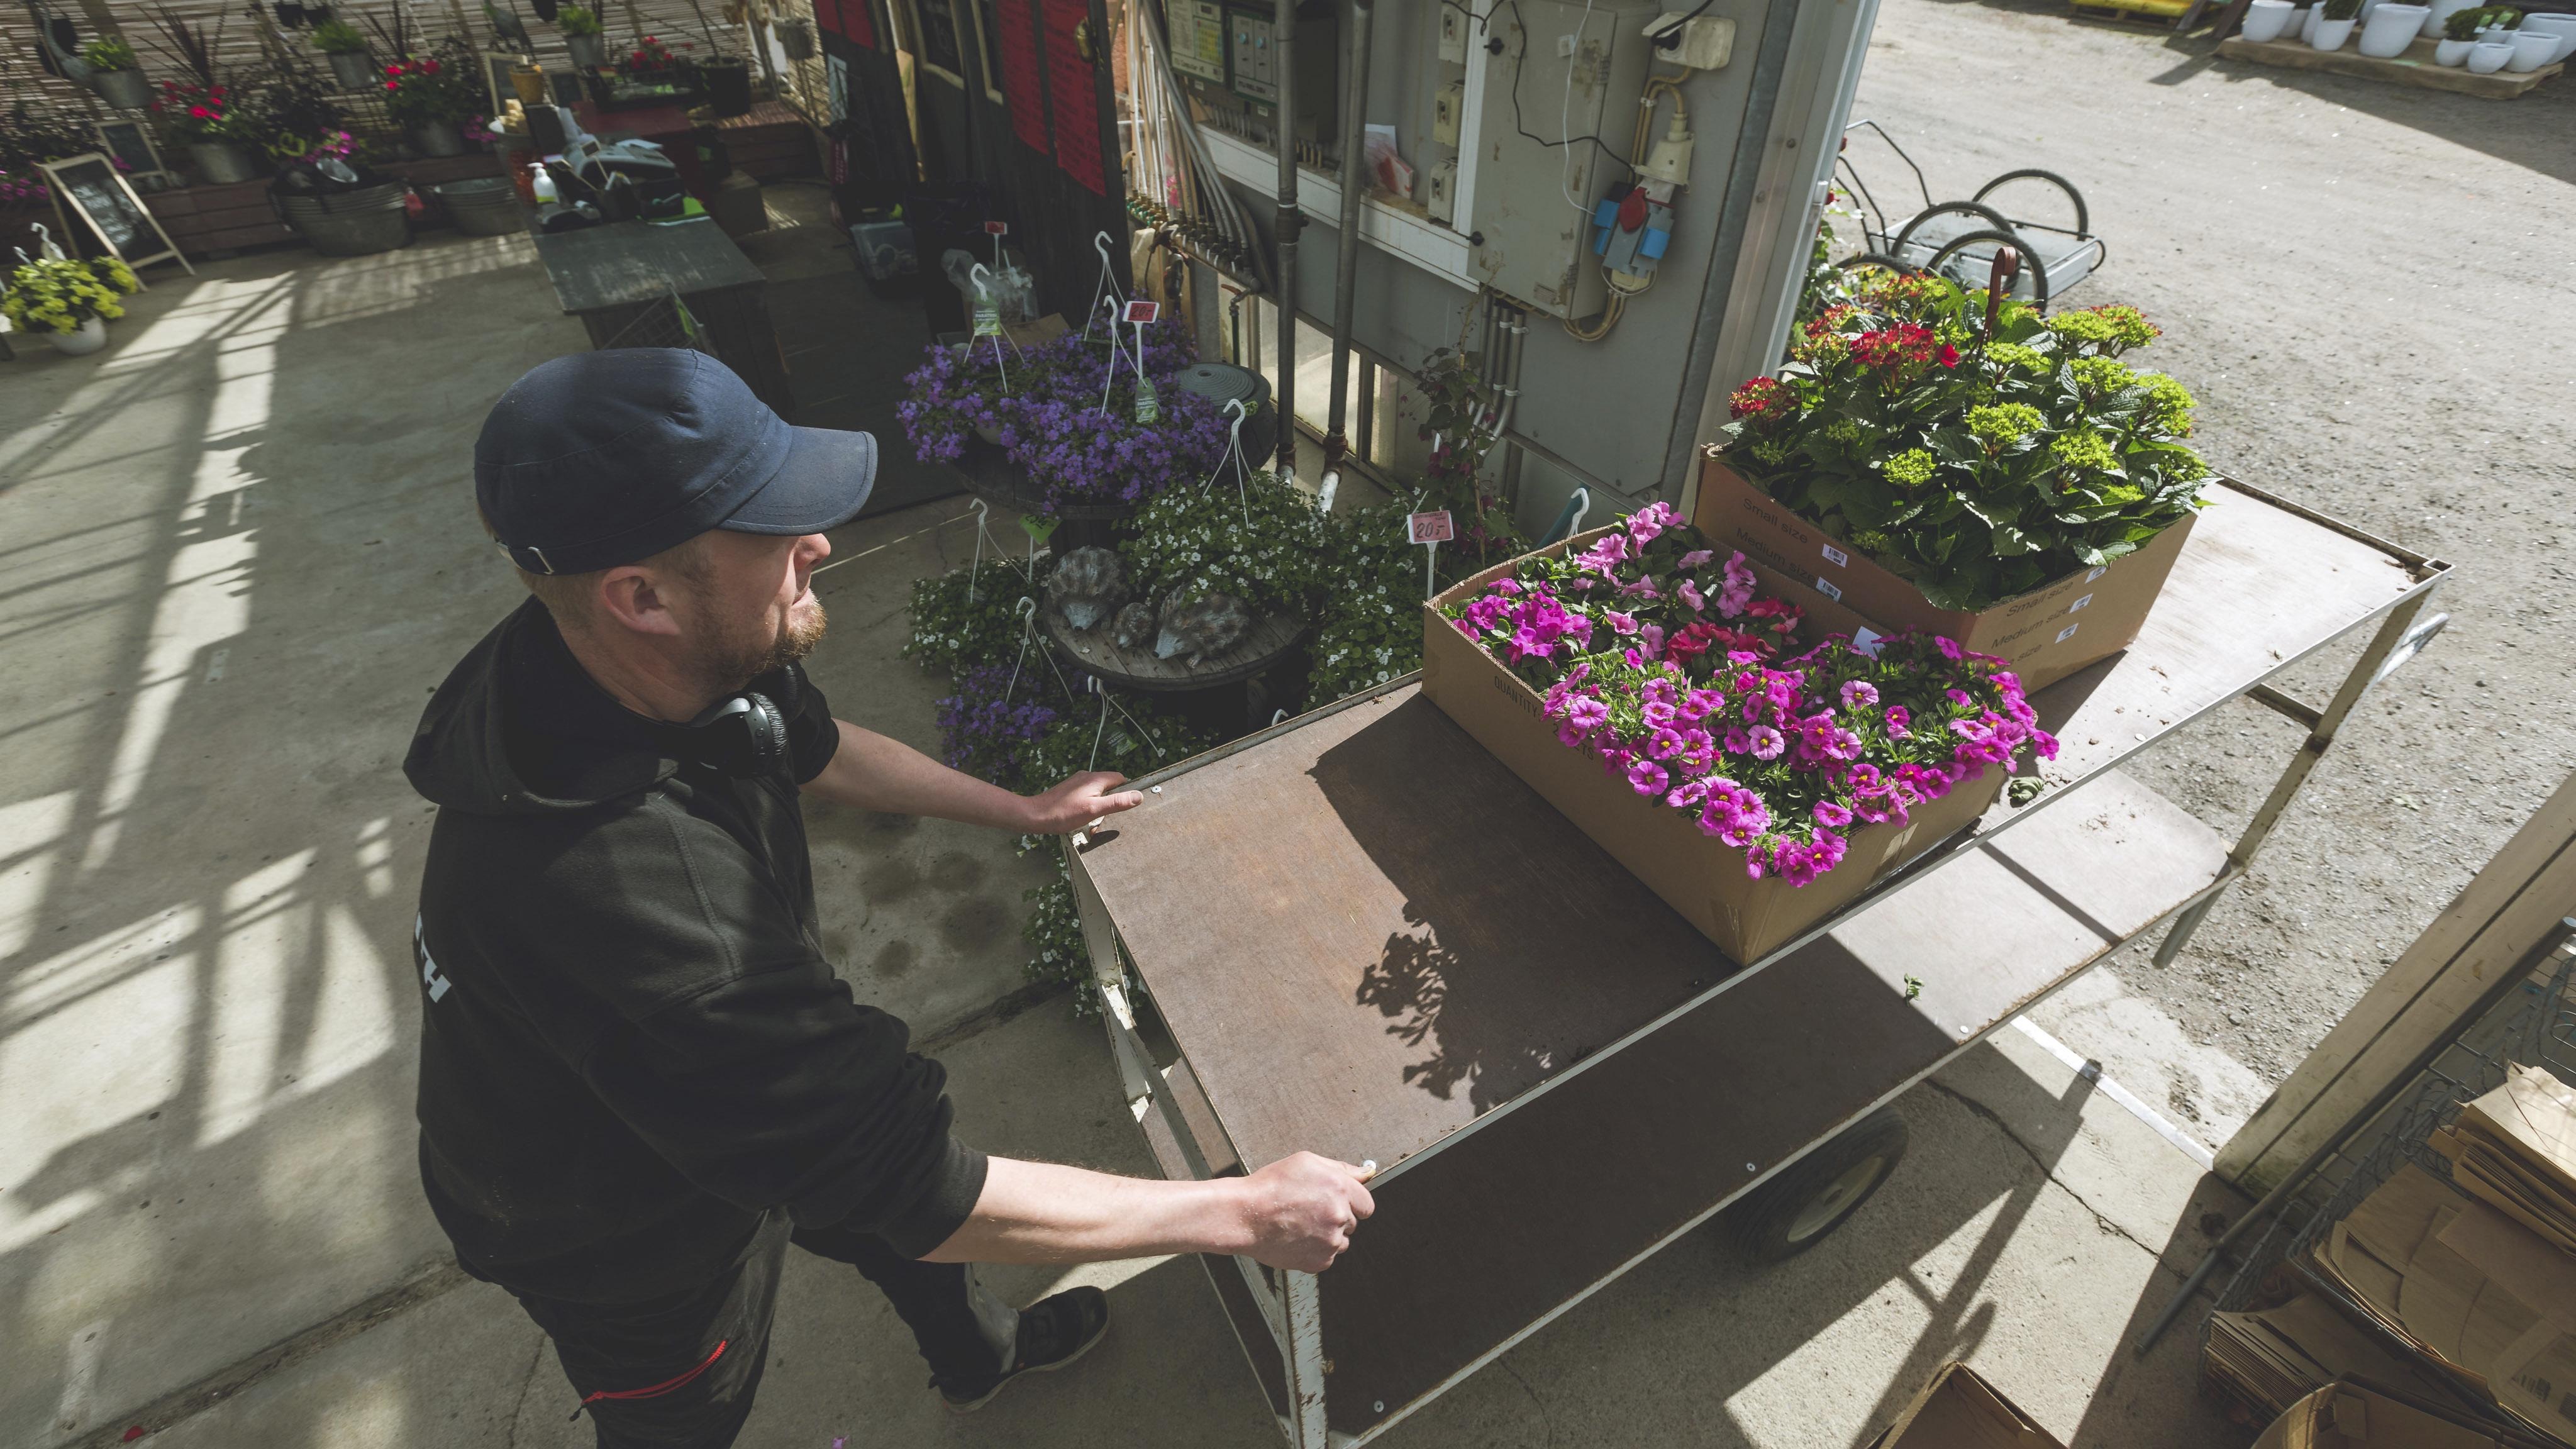 Kauppapuutarha Honkasen tarha suljetaan viikkoa aiemmin kuin tavallisesti, koska kaikki viljellyt kasvit alkavat olla myyty.